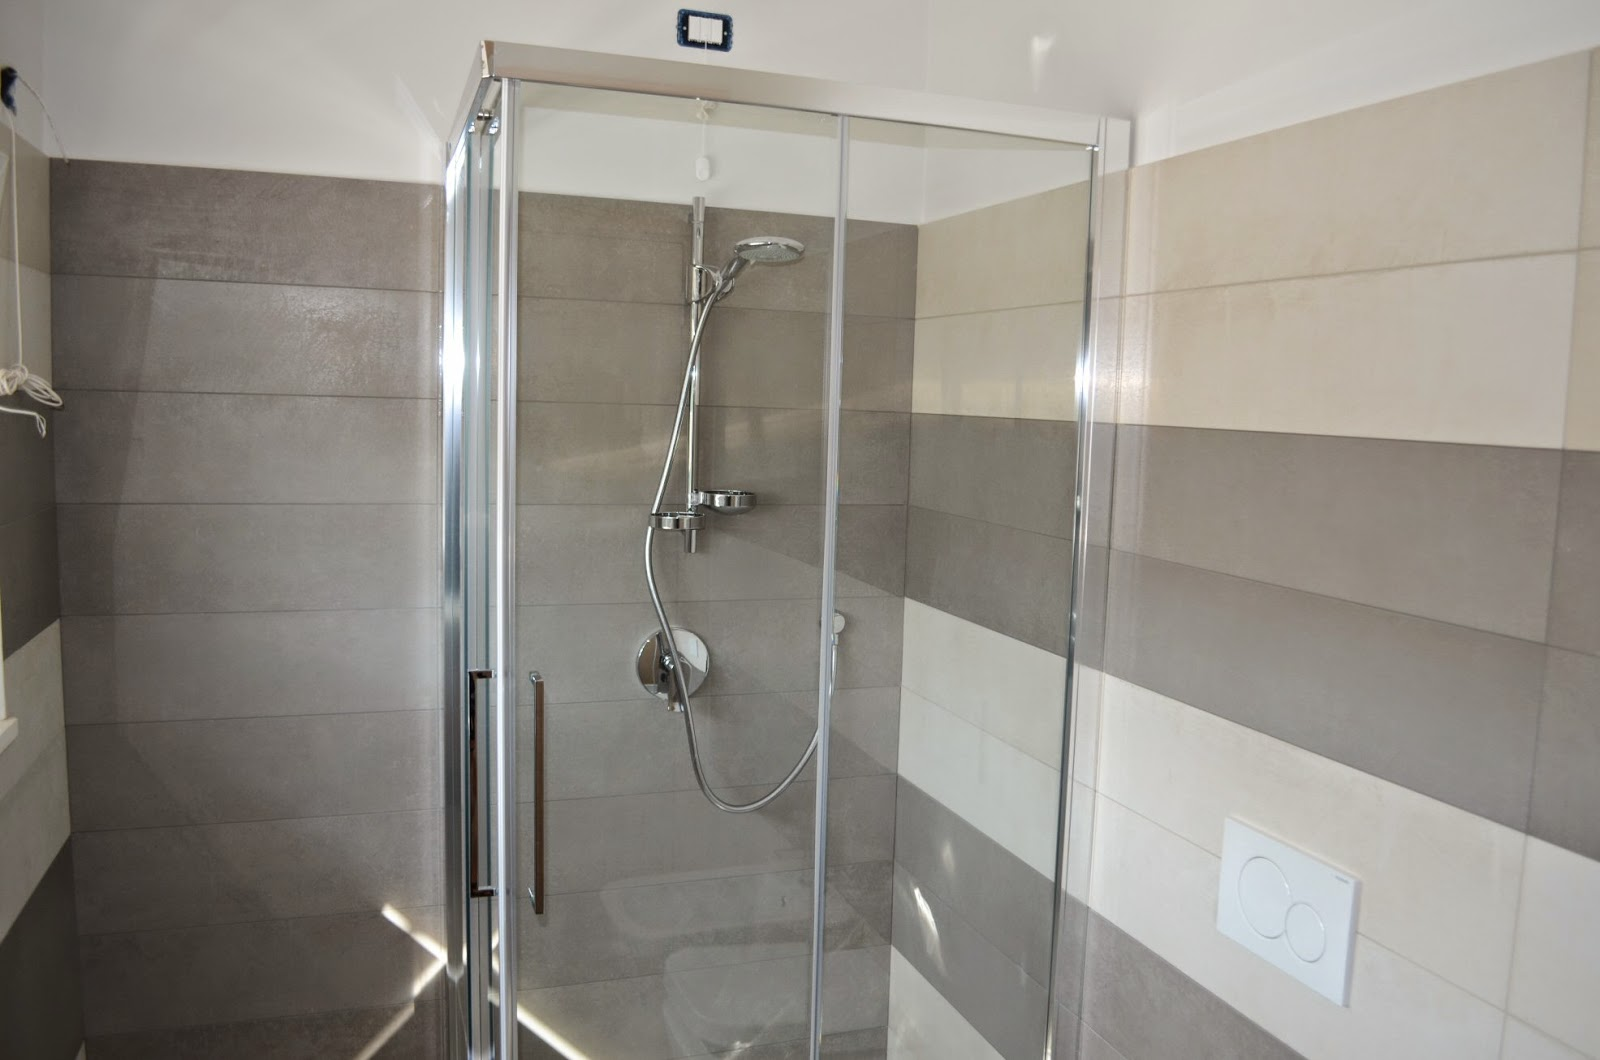 Casa delle ginestre porte e mobili - Imbiancare il bagno ...